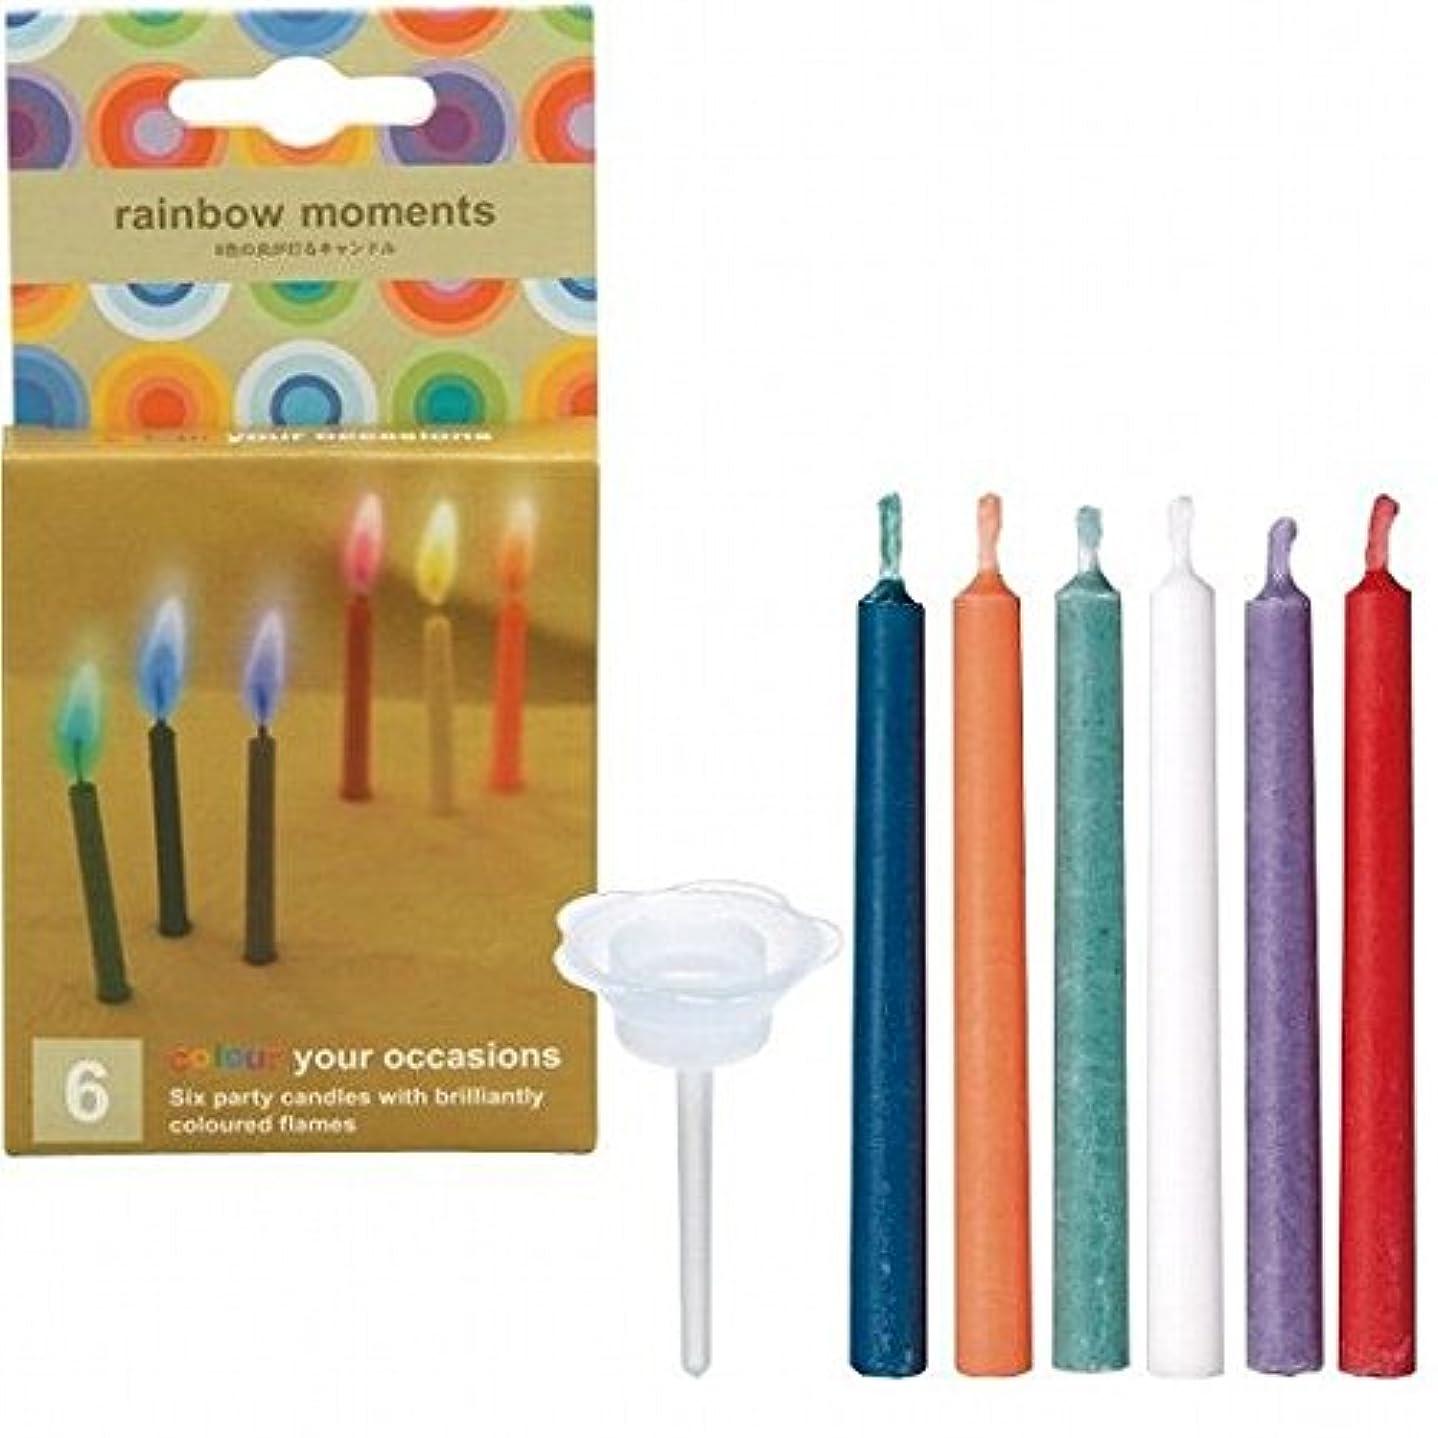 フォーマット忘れられない離婚kameyama candle(カメヤマキャンドル) rainbowmoments(レインボーモーメント)6色6本入り 「 6本入り 」 キャンドル(56050000)